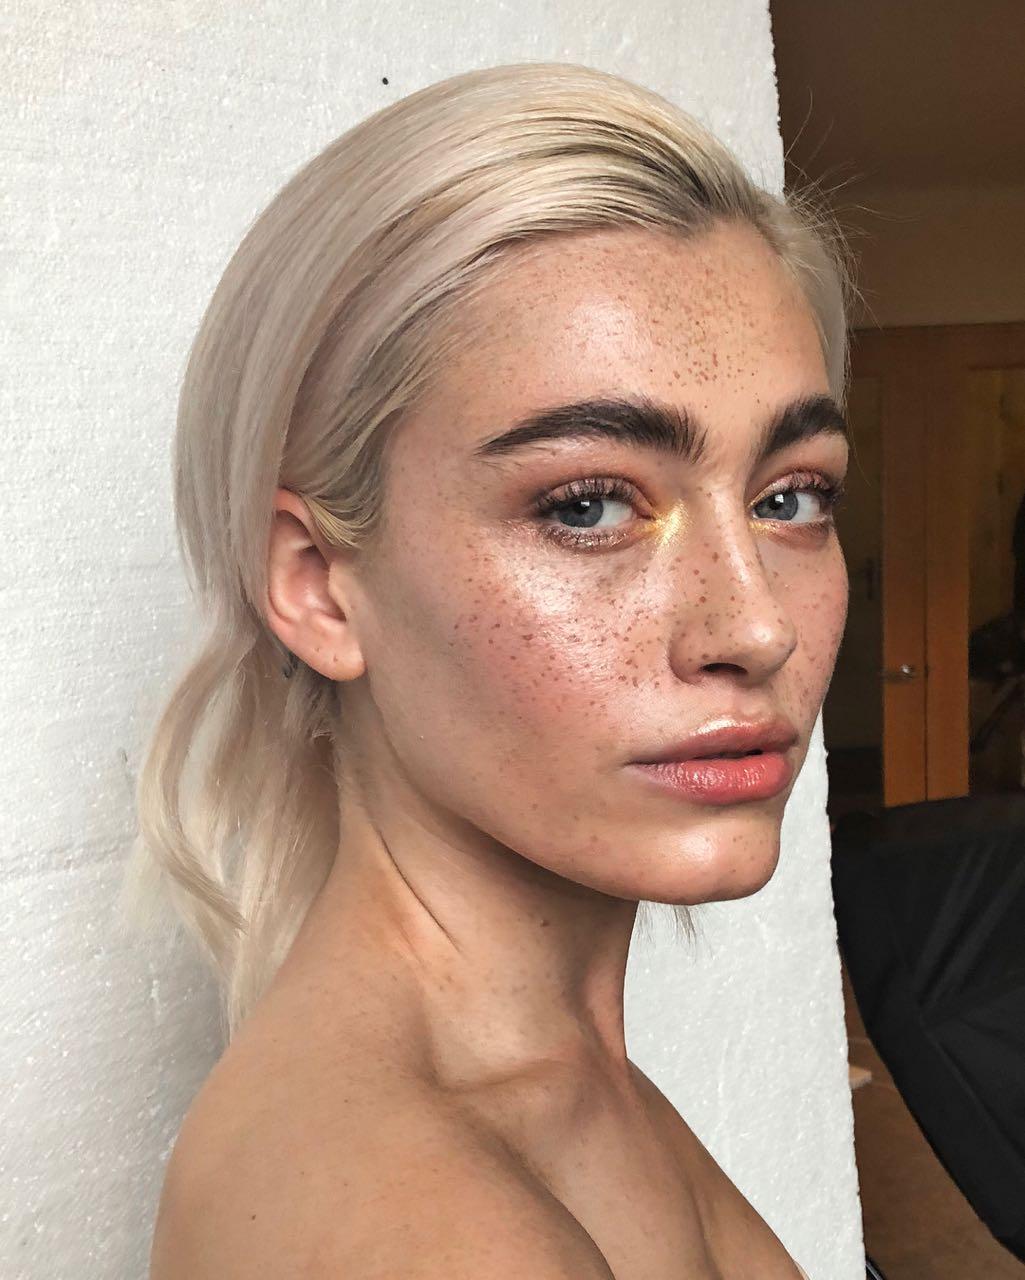 Тренды макияжа вразных странах: 10 вариантов отАвстралии доТурции